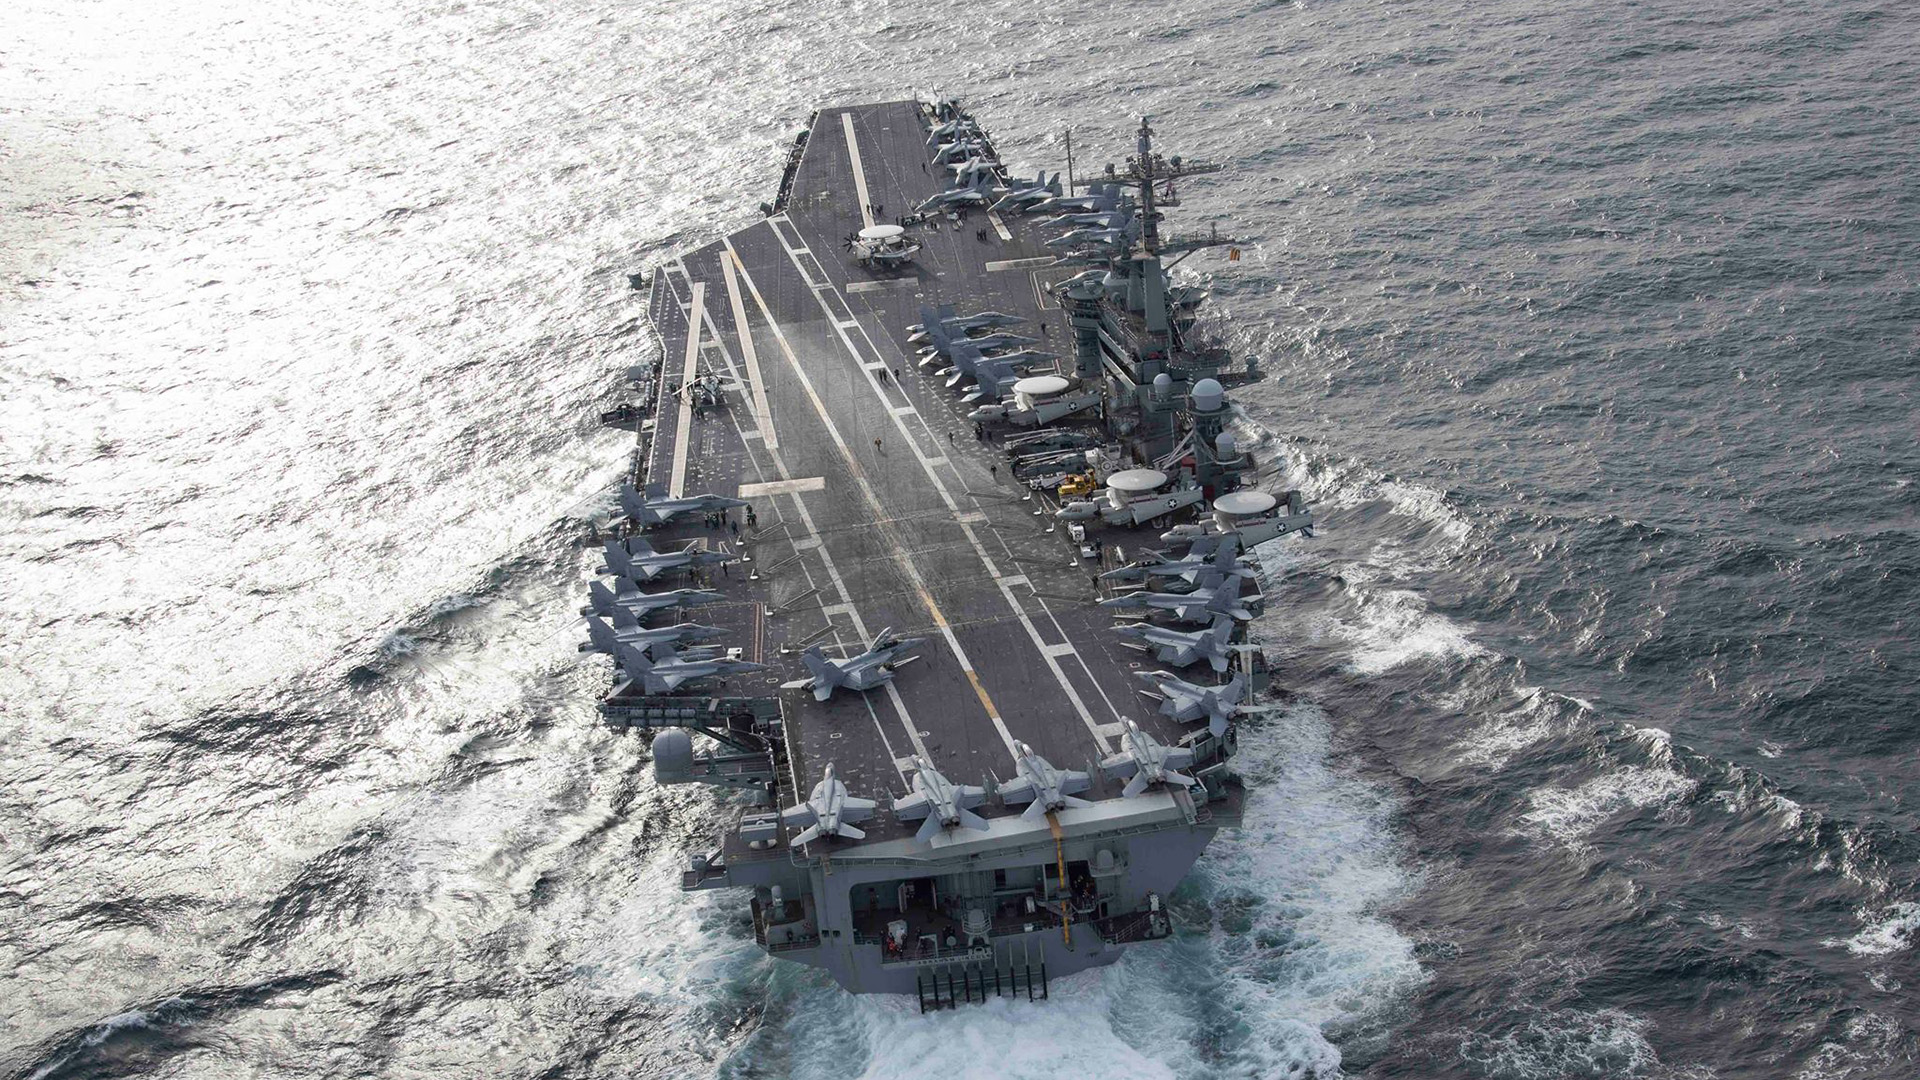 El portaaviones nuclear estadounidense USS Abraham Lincoln, recientemente desplegado en el Océano Atlántico frente a Florida (Facebook: @USSAbrahamLincoln)